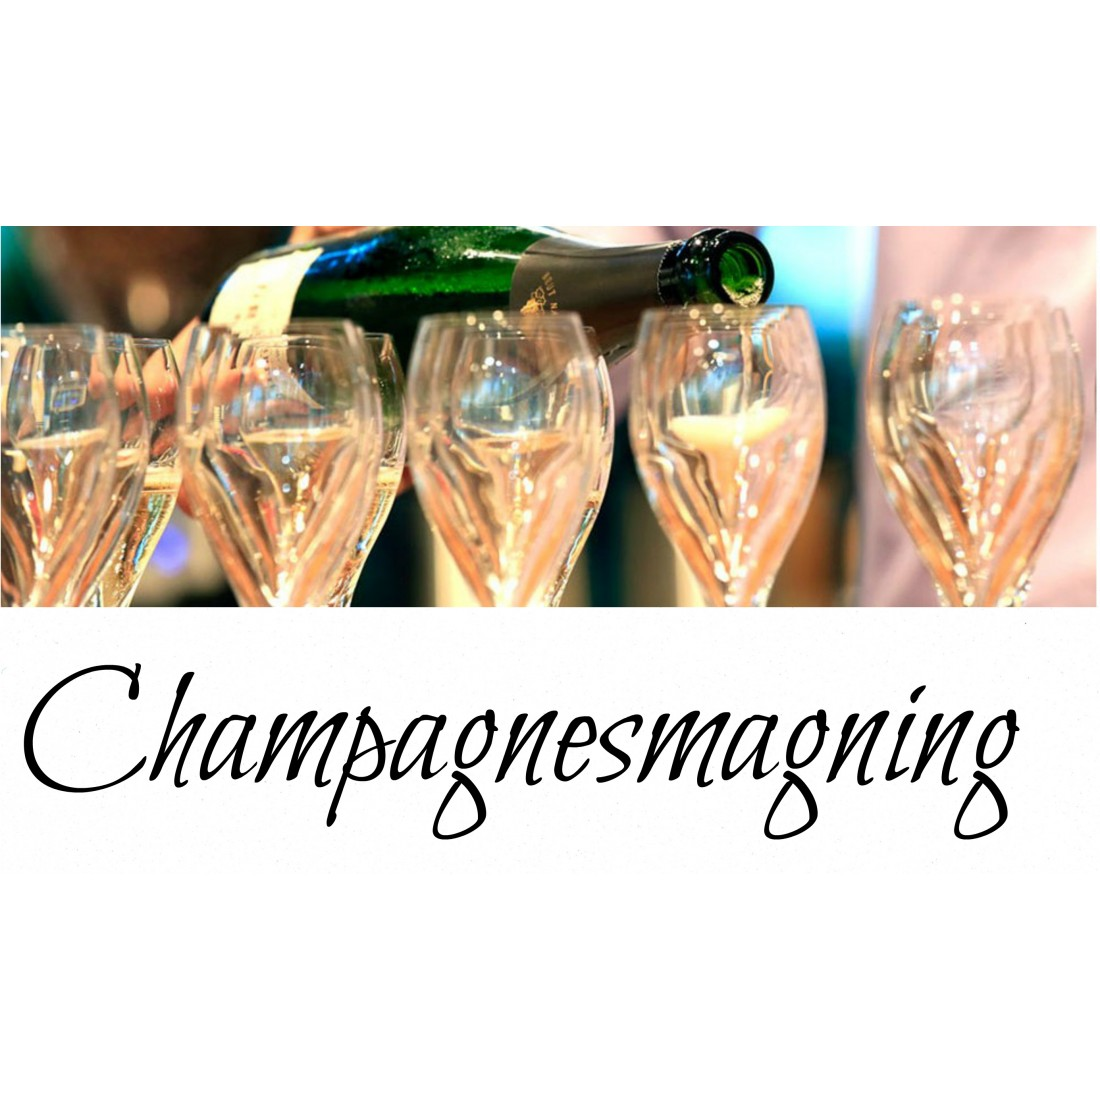 Champagnesmagning lørdag den 2 maj kl. 19.00 I ChampagneKælderen-31